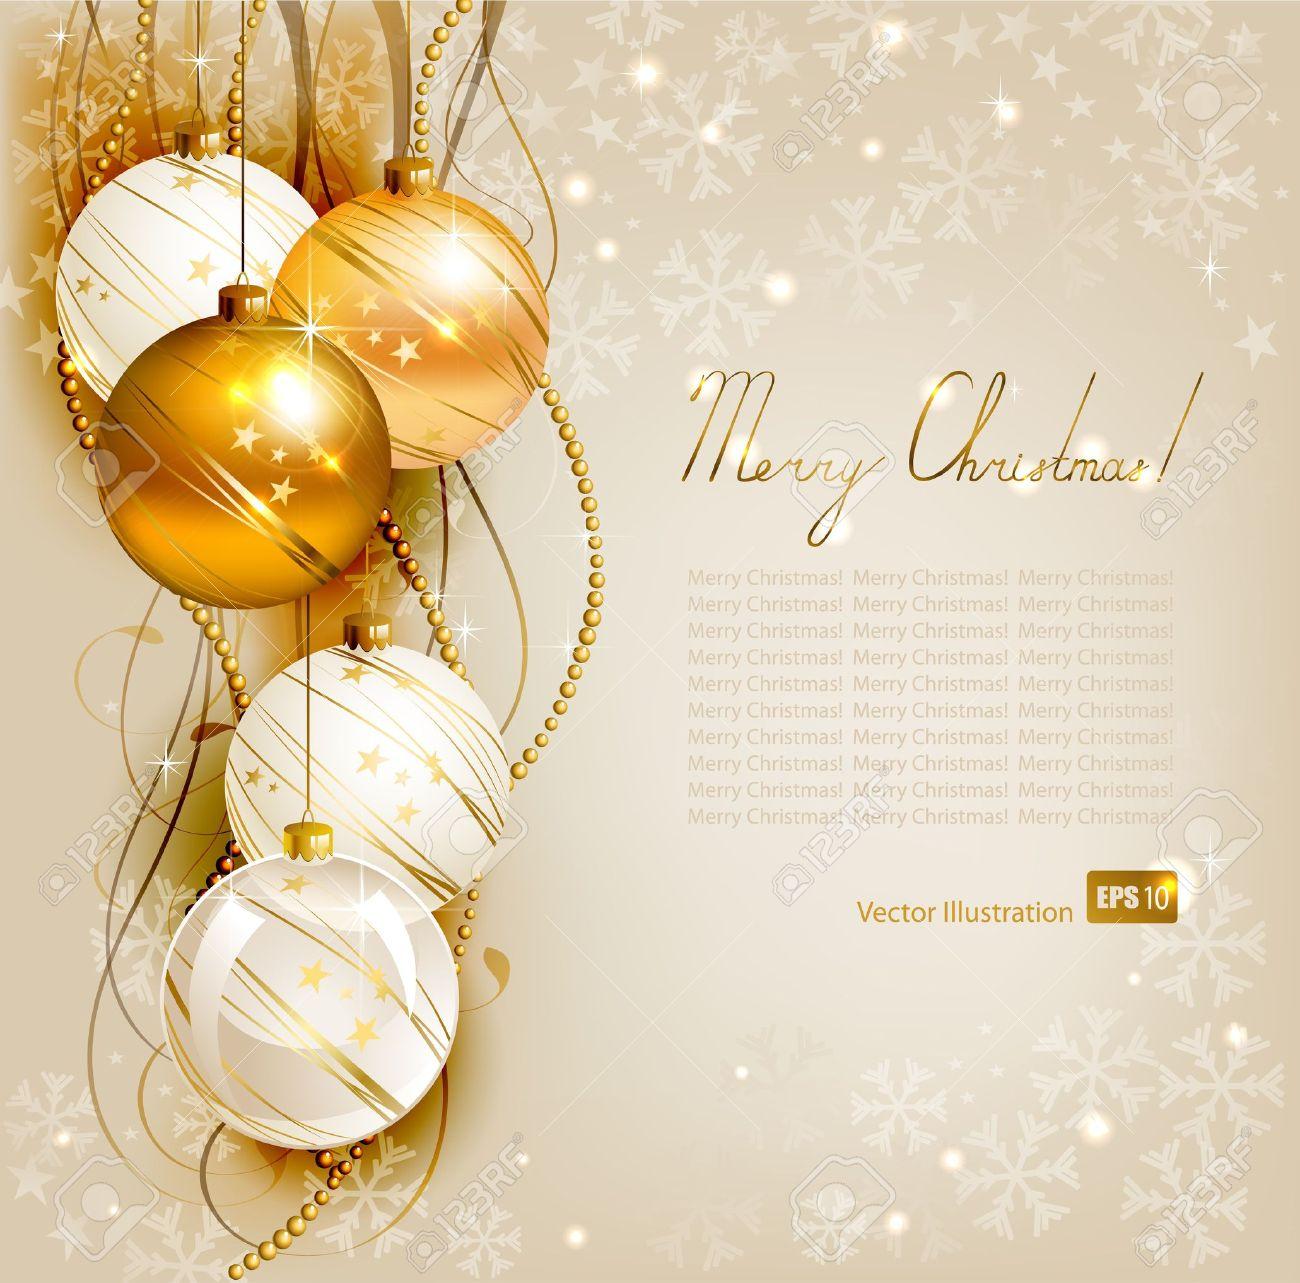 Elegant Christmas Background Images.Elegant Christmas Background With Gold And White Evening Balls